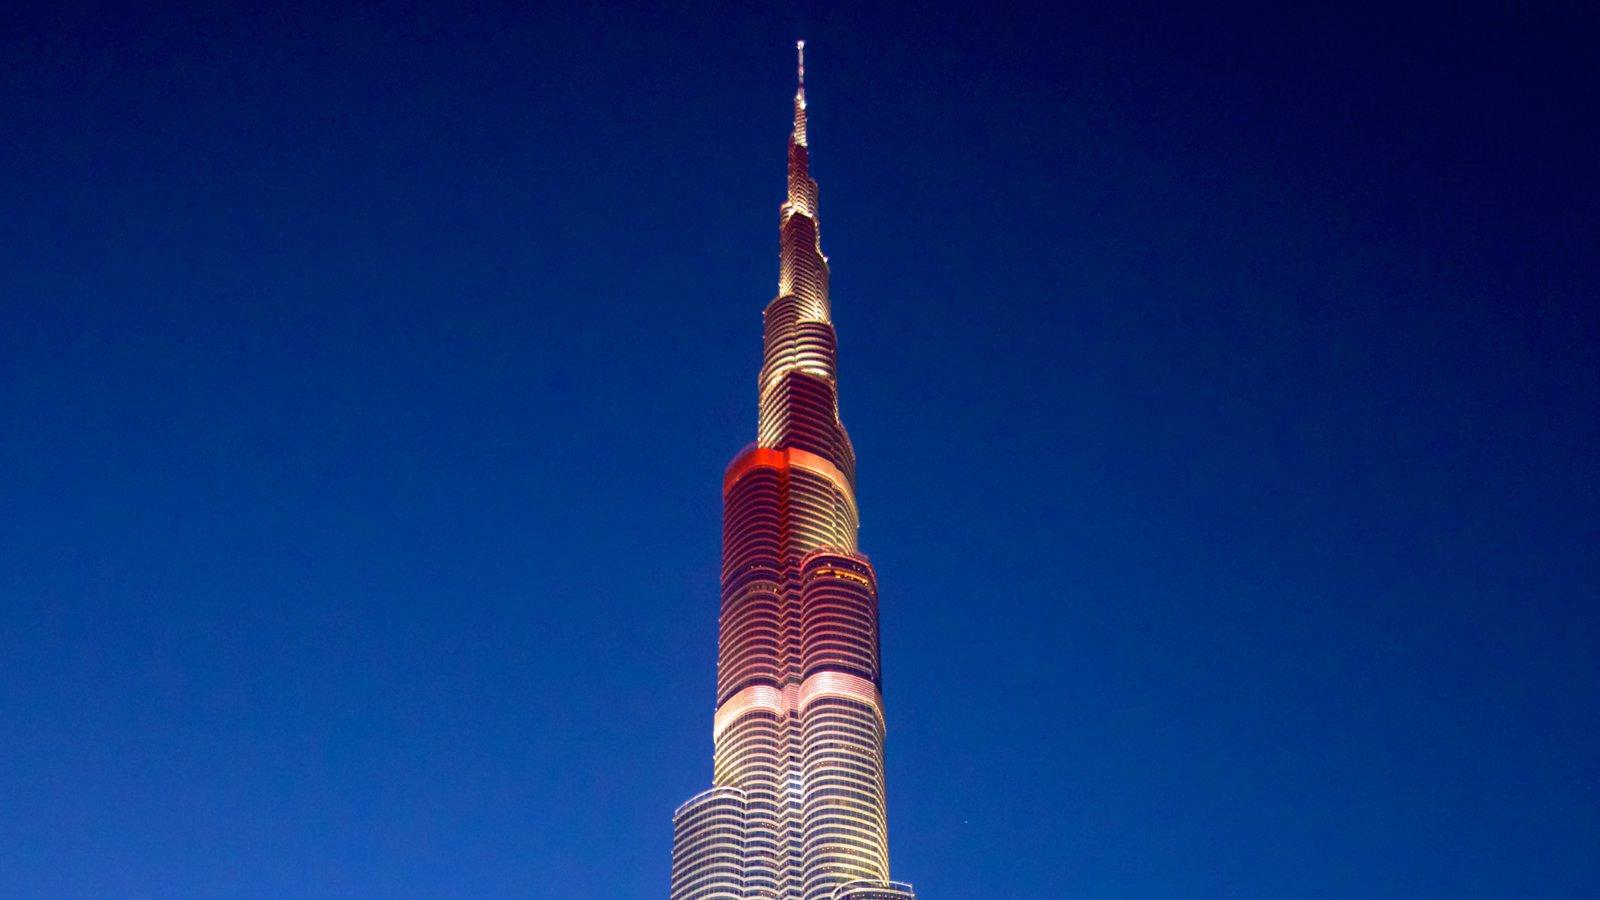 Burj Khalifa que incluye un edificio de gran altura, arquitectura moderna y escenas nocturnas